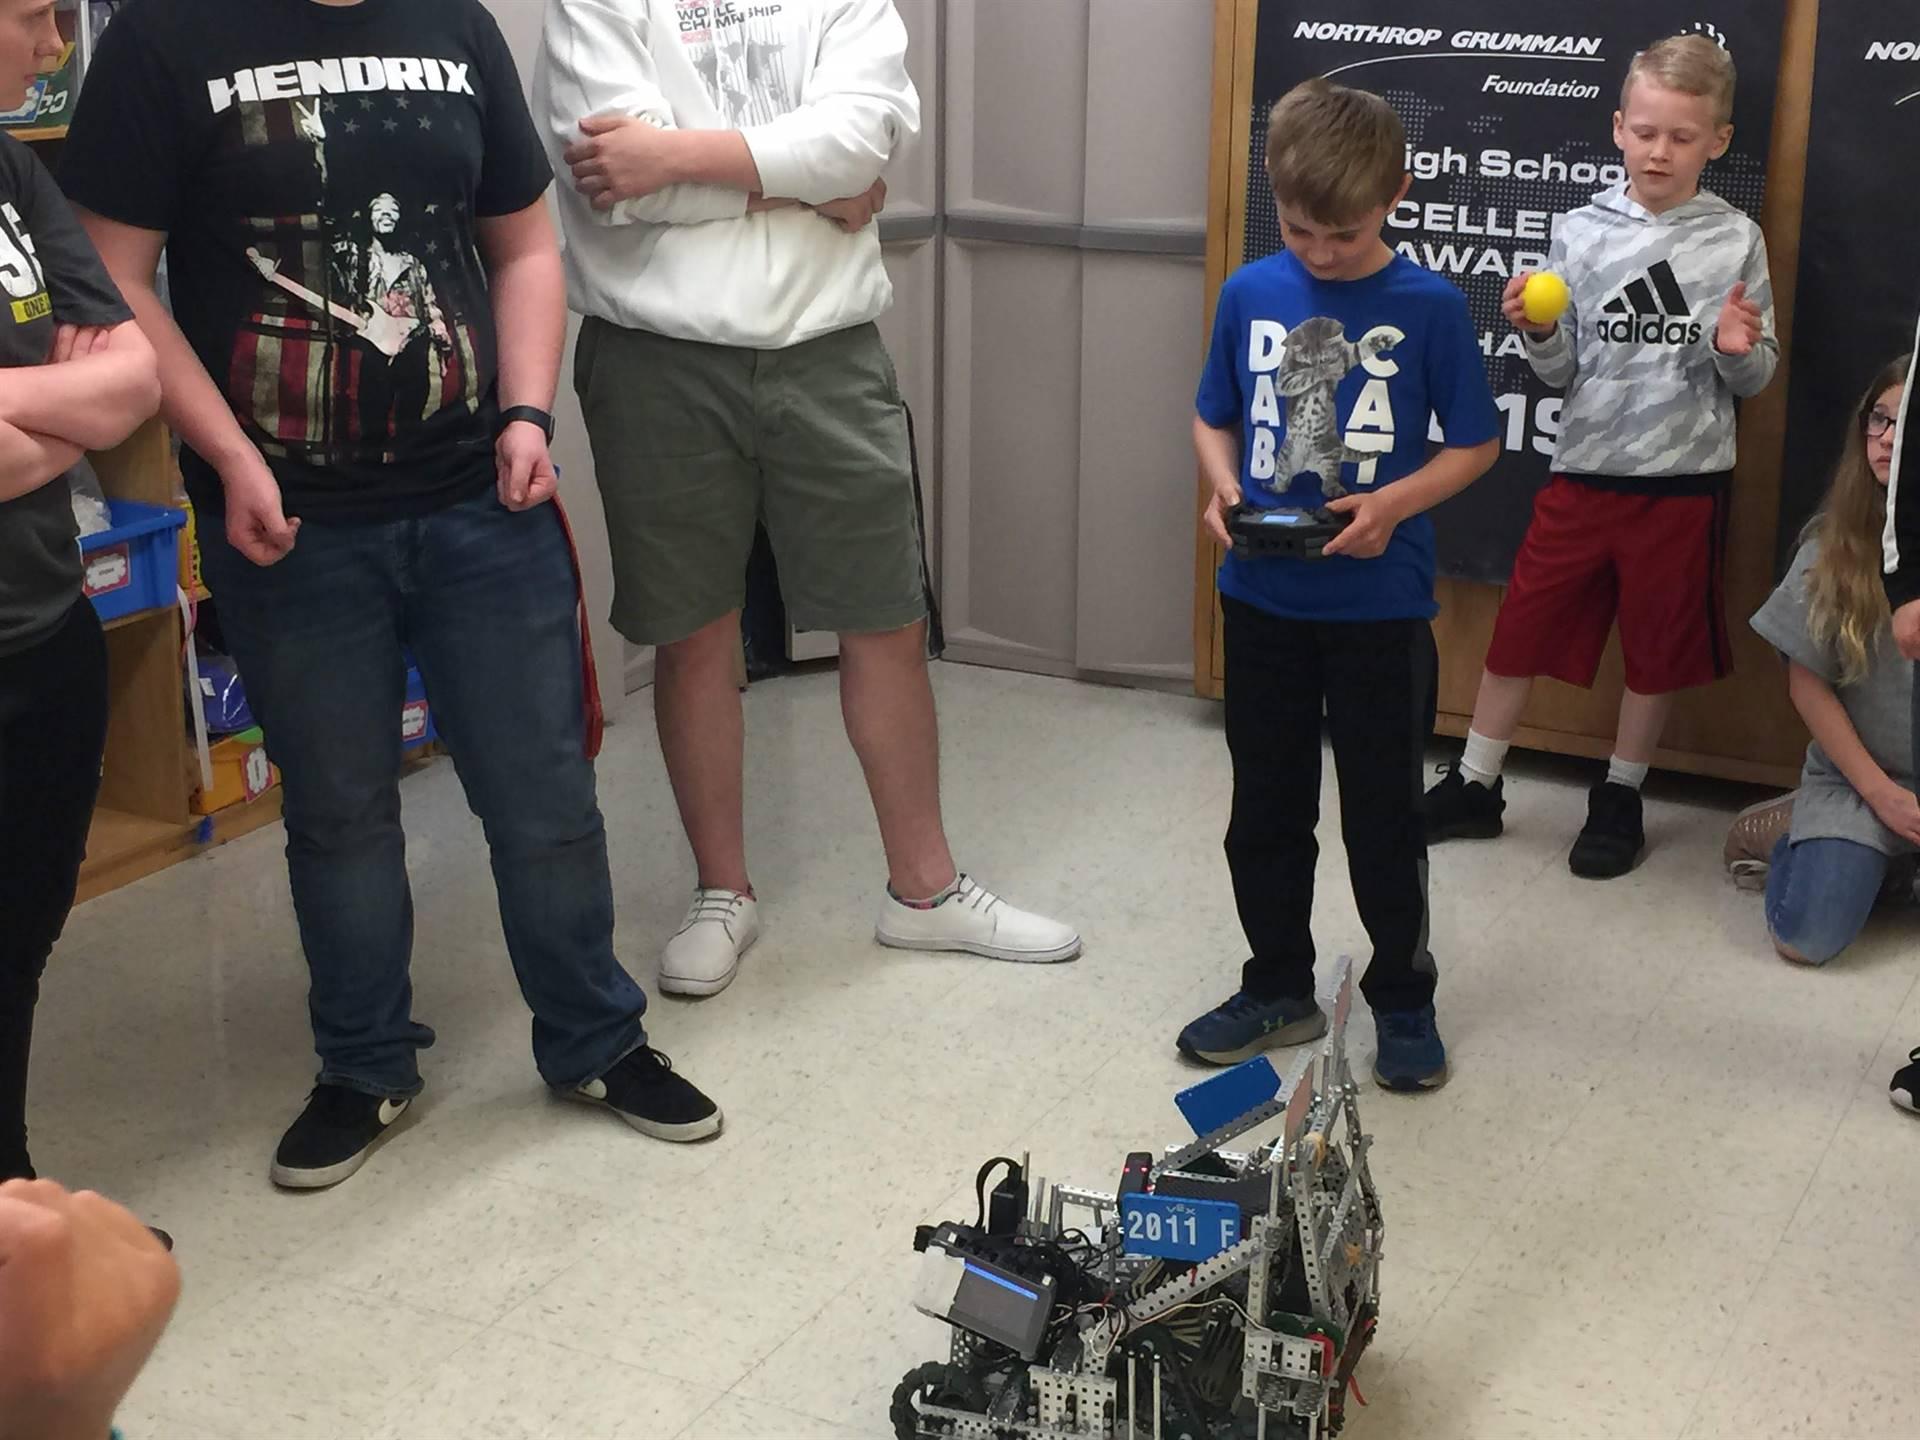 High School Robotics Team Visits third-grade Makers' Club